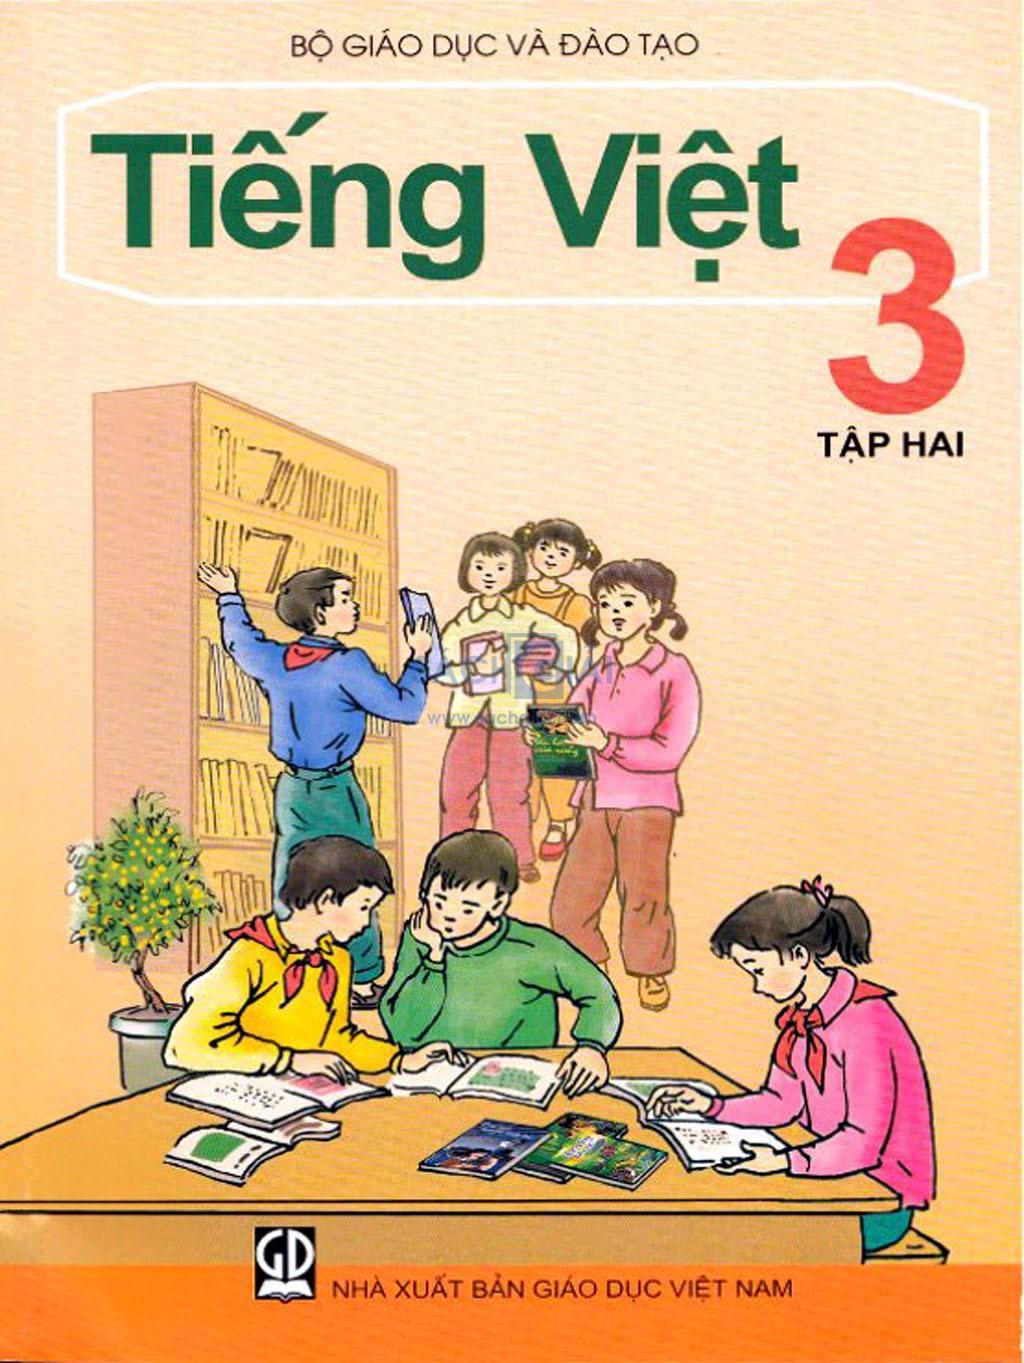 File bài giảng (*) TĐKC SỰ TÍCH LỄ HỘI CHỬ ĐỒNG TỬ LỚP 3 TH-THCS Nguyễn Văn Đậu-Tân Trụ